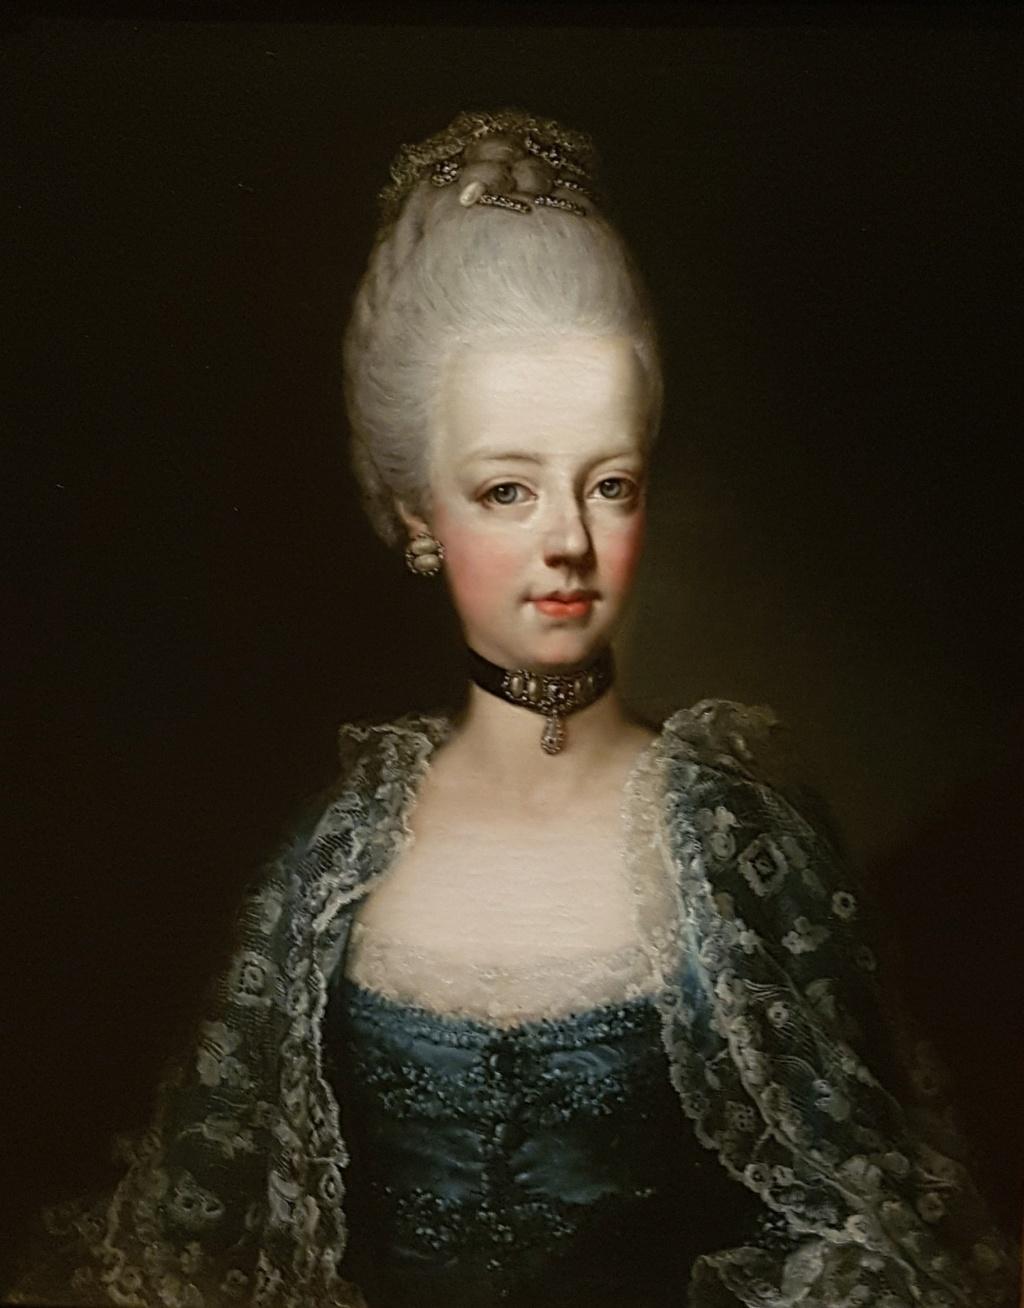 Portrait de Marie-Antoinette ou de sa soeur, Marie-Josèphe, par Antonio Pencini ou Bencini ?  20170910